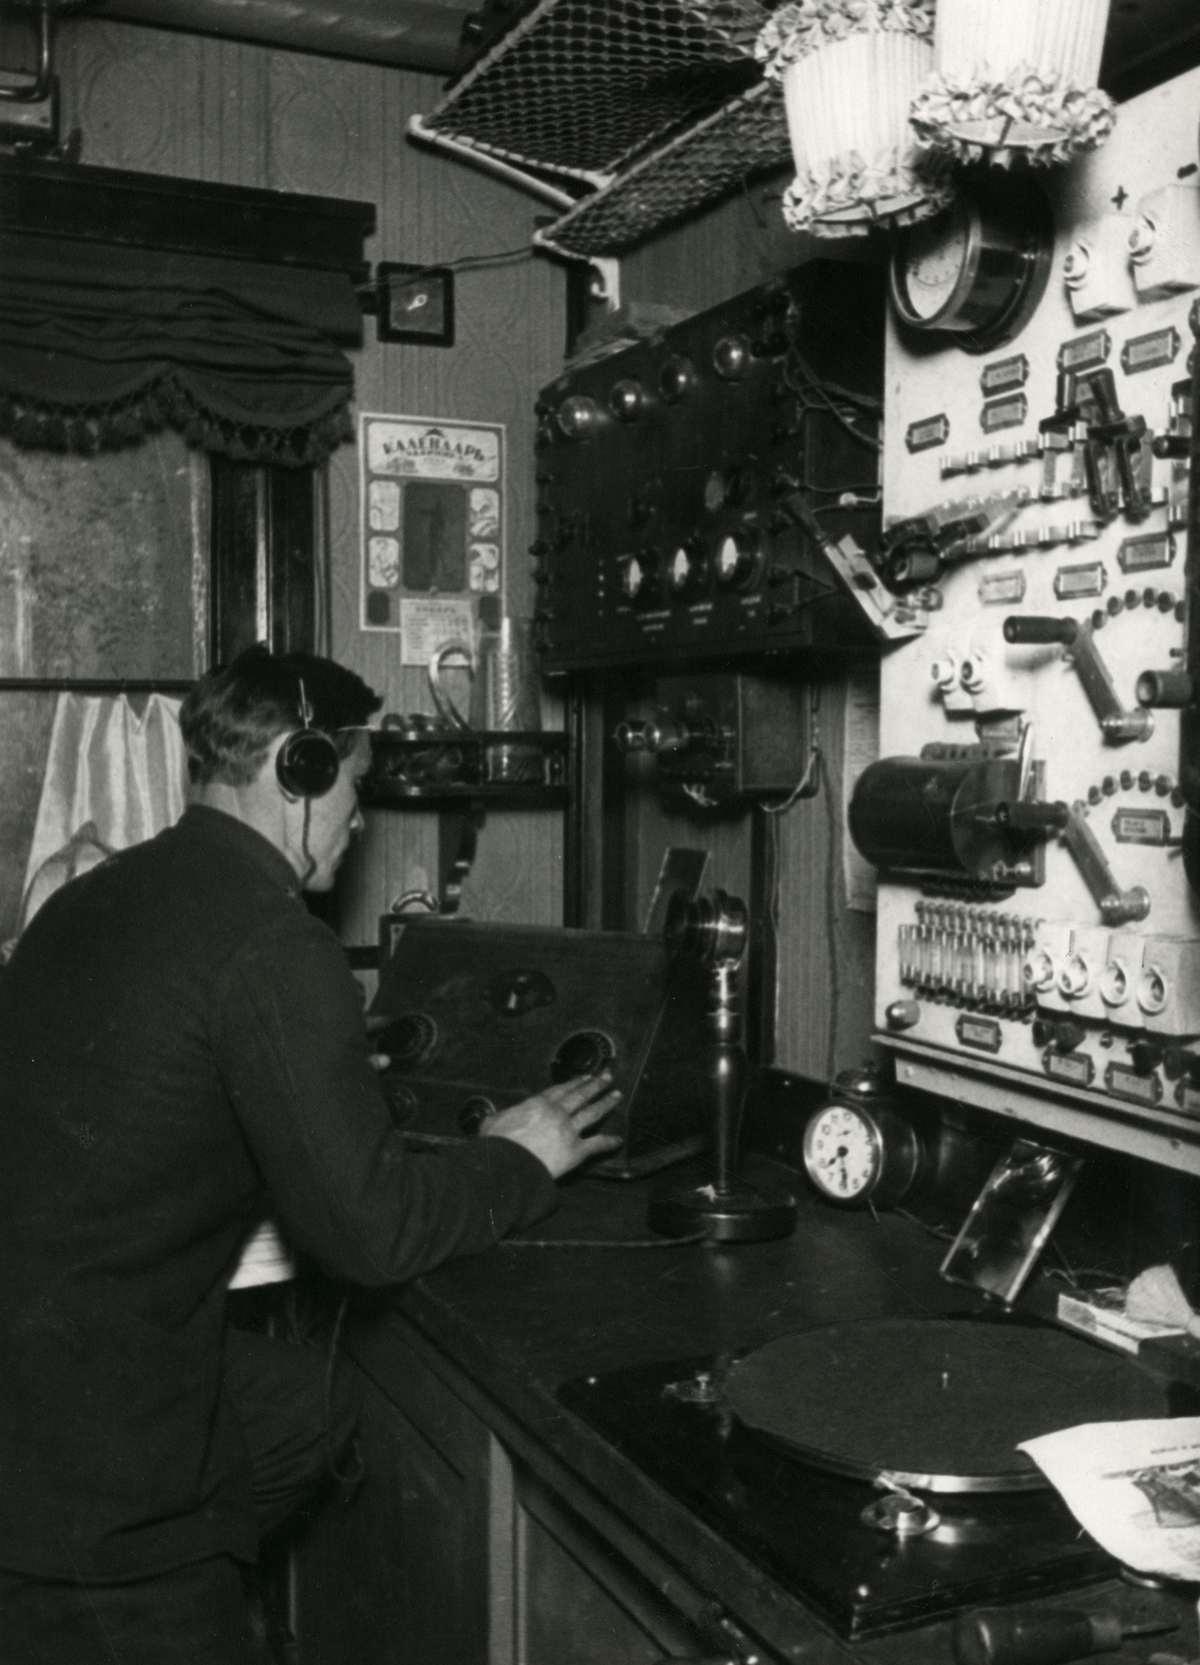 Радиорубка, из которой транслируются радиоконцерты и записанные сообщения